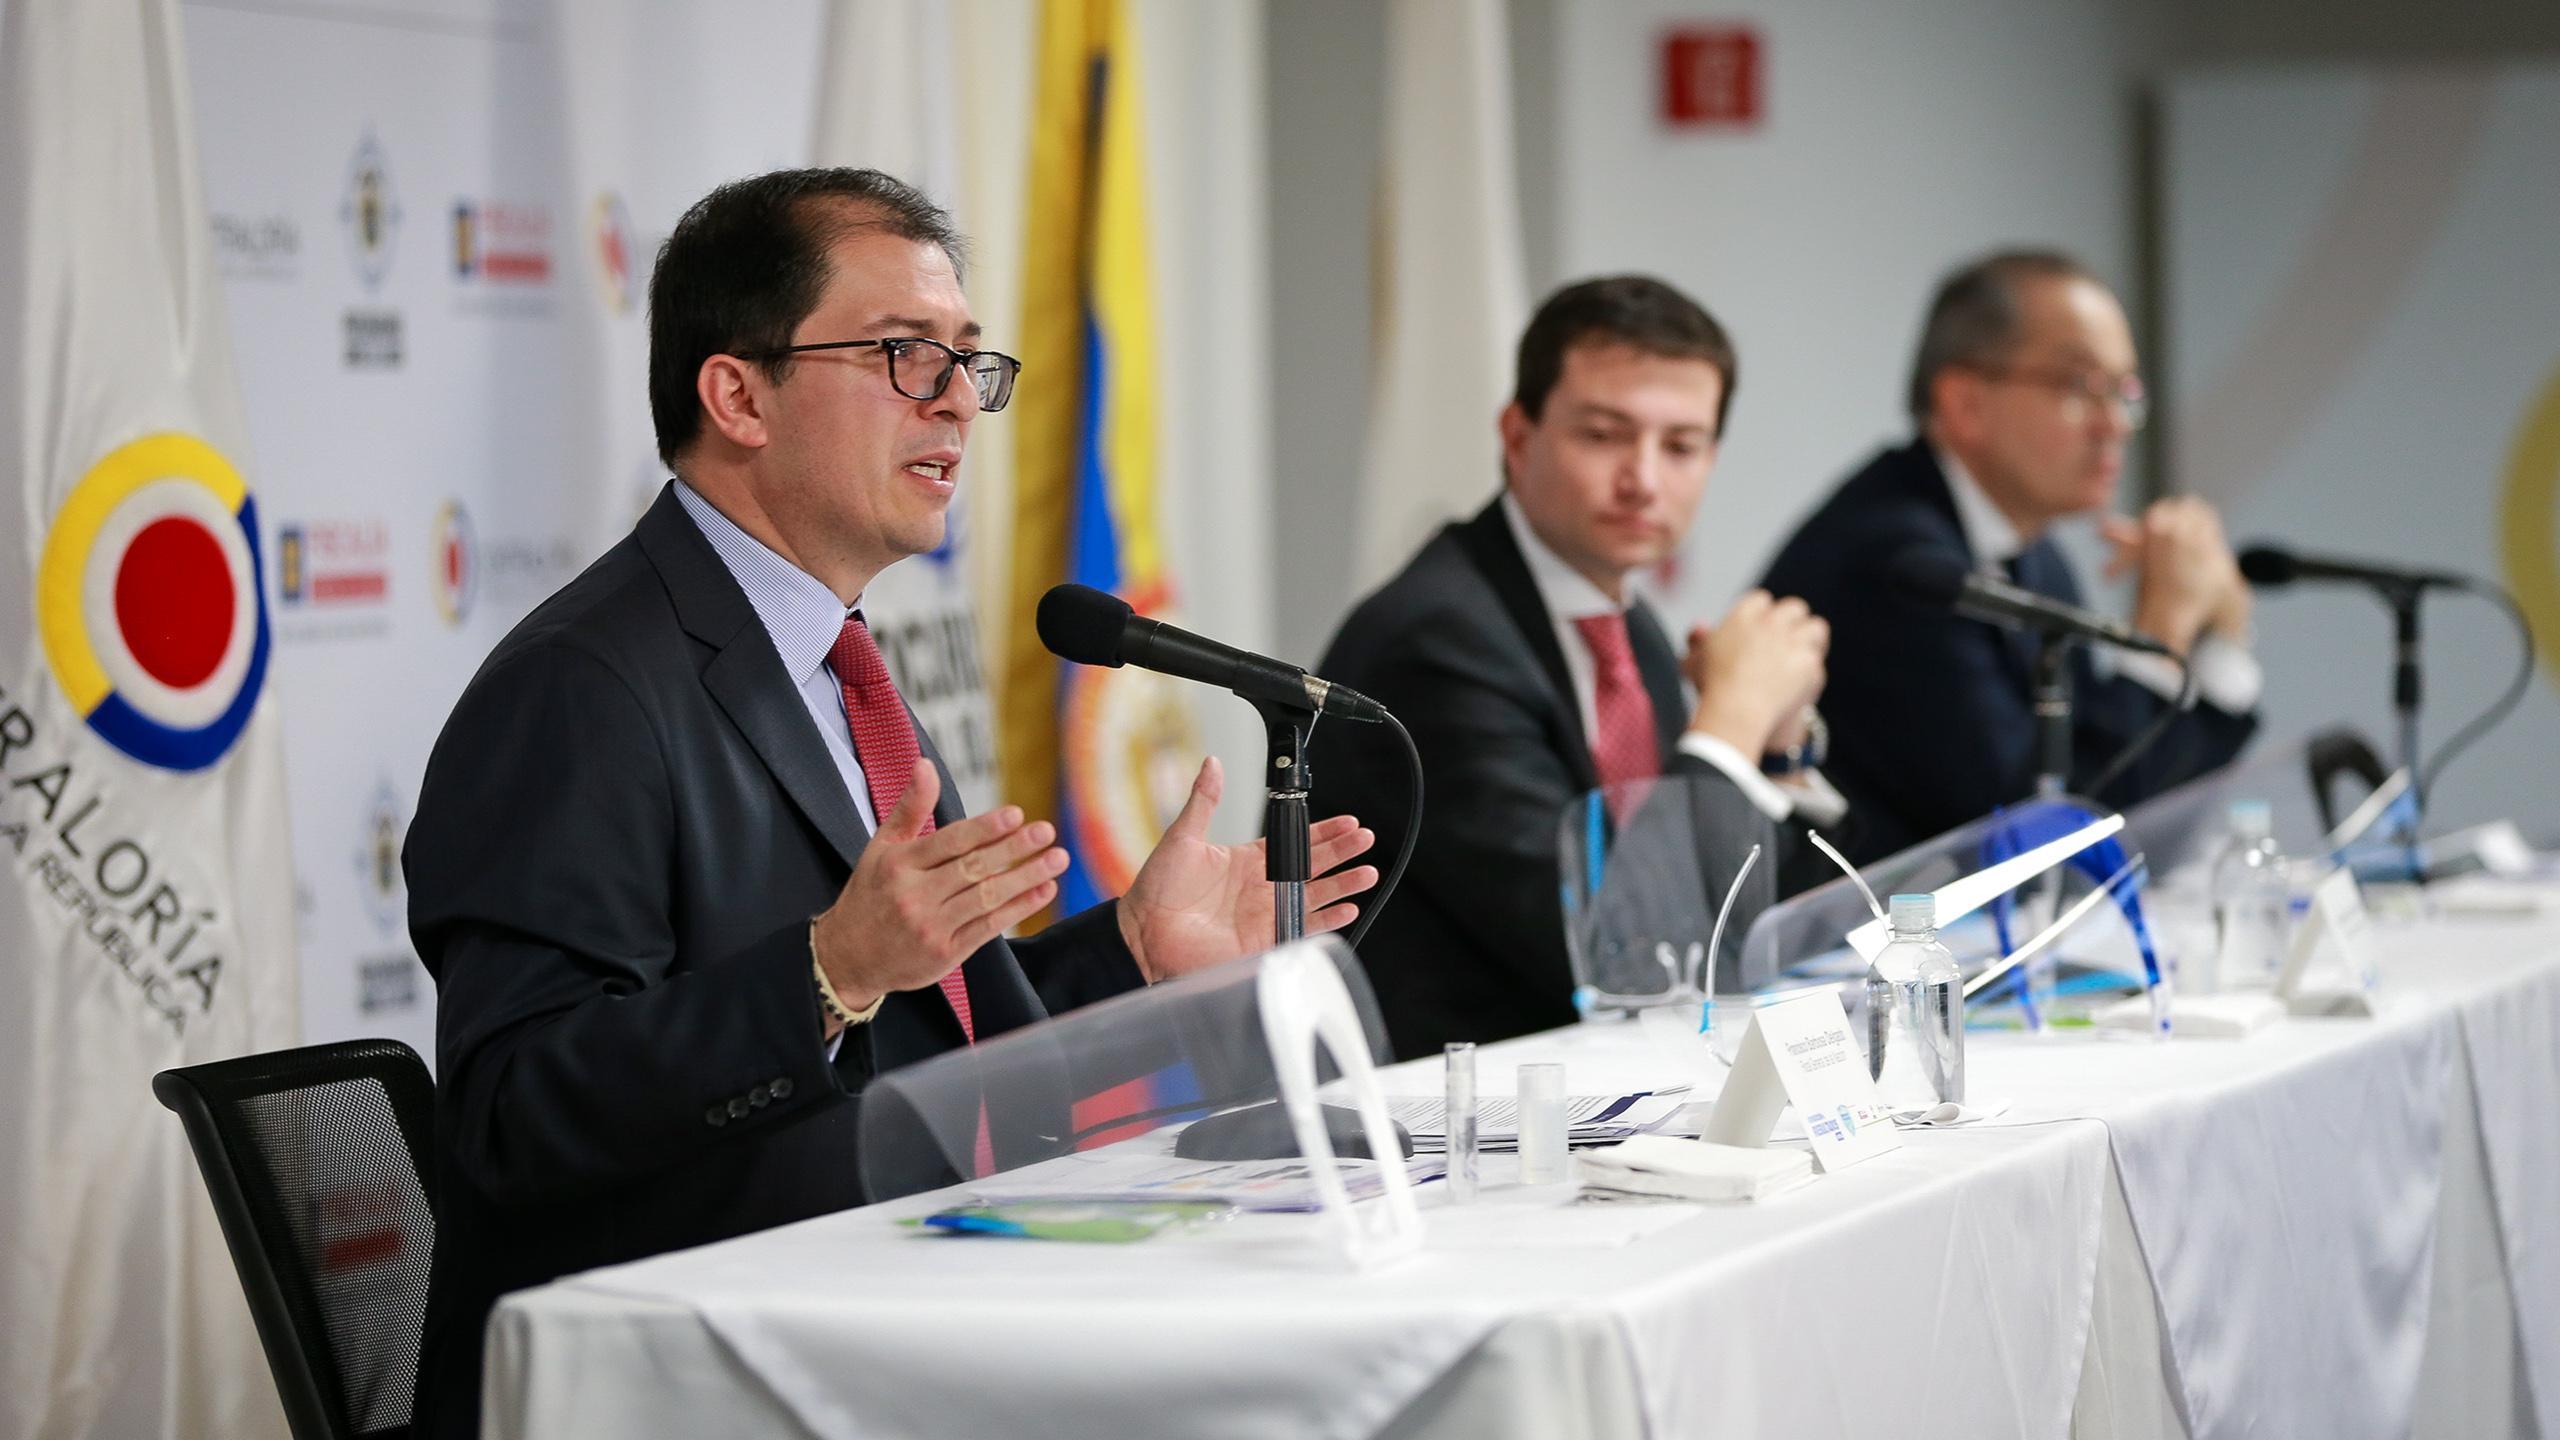 Rueda de prensa Fiscalía, Contraloría y Procuraduría - Transparencia por la Emergencia, 17 de  junio de 2020